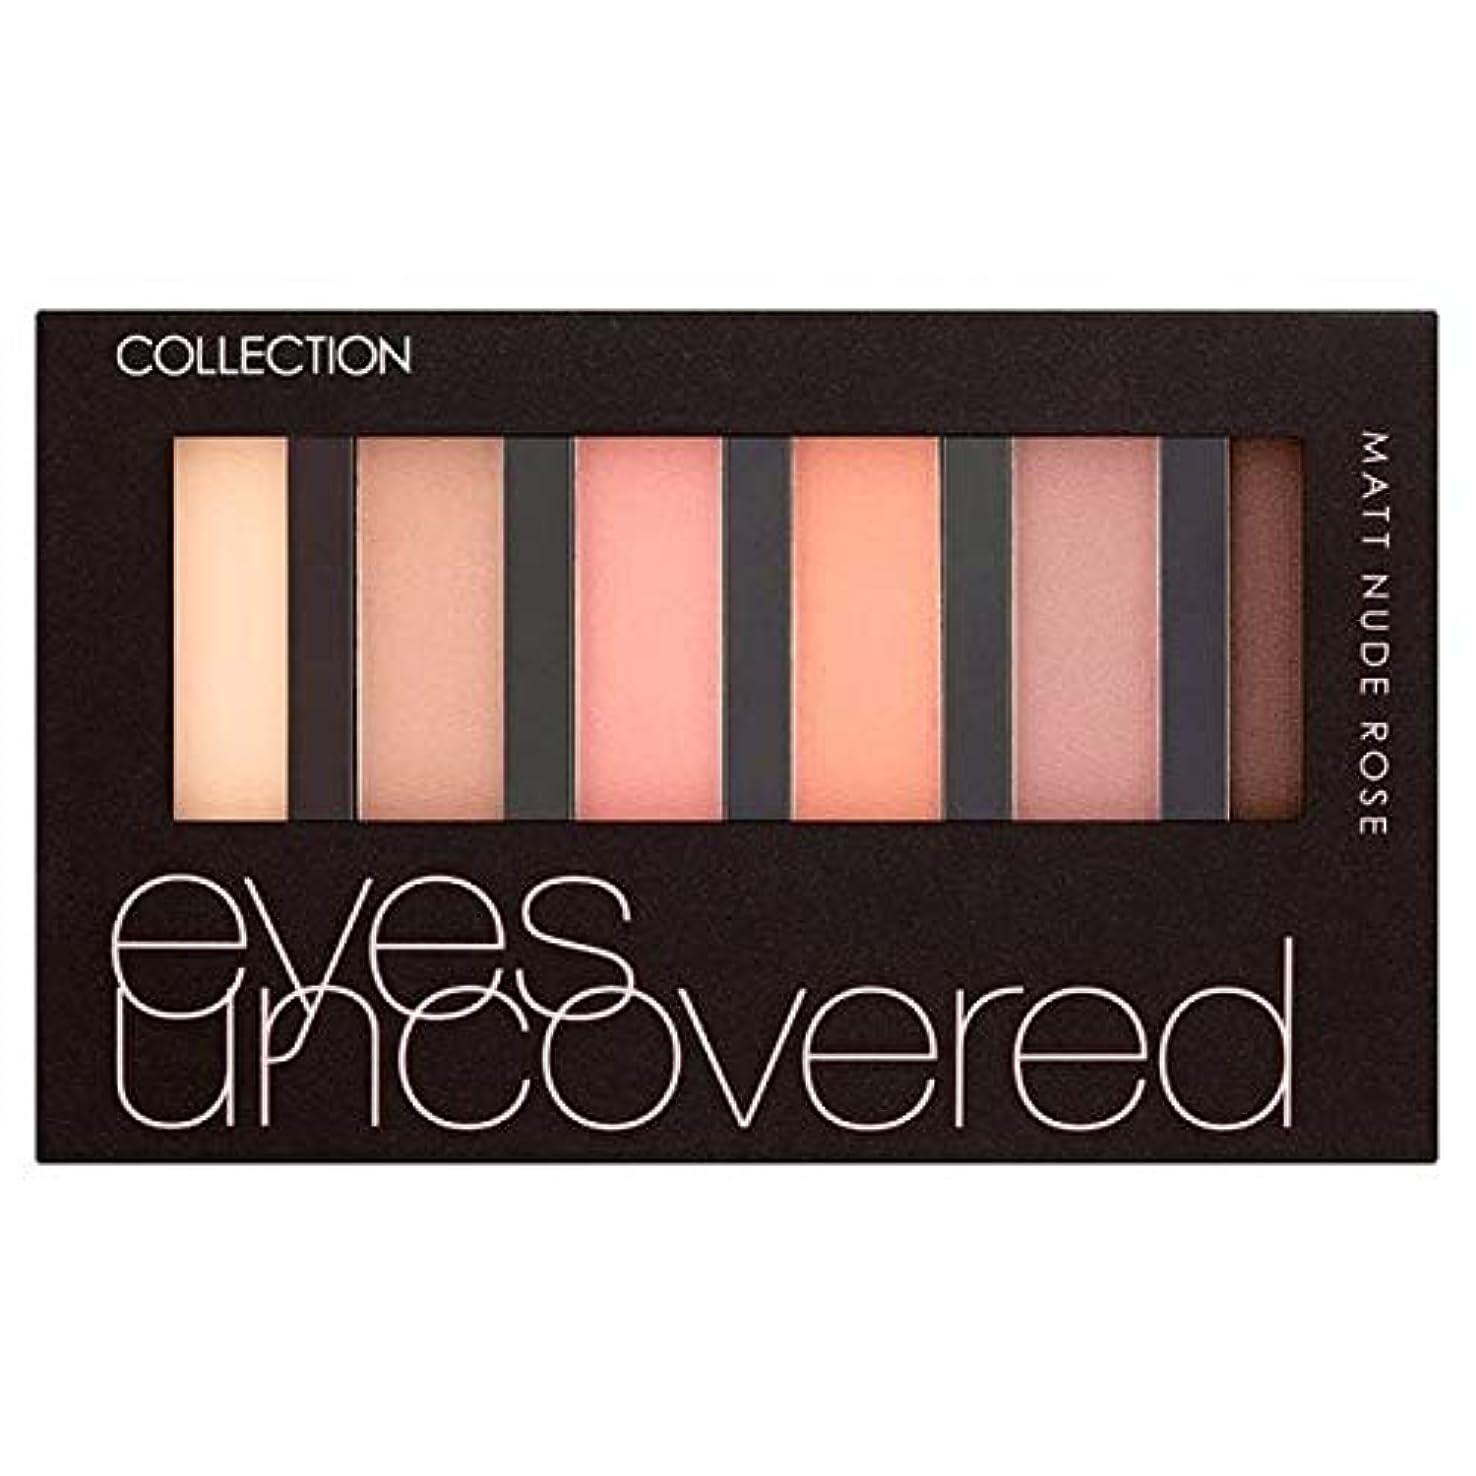 ファッションシュリンクまたはどちらか[Collection ] アイシャドウパレットを発見し、収集の目はヌードマットローズ - Collection Eyes Uncovered Eye Shadow Palette Rose Matte Nude [並行輸入品]